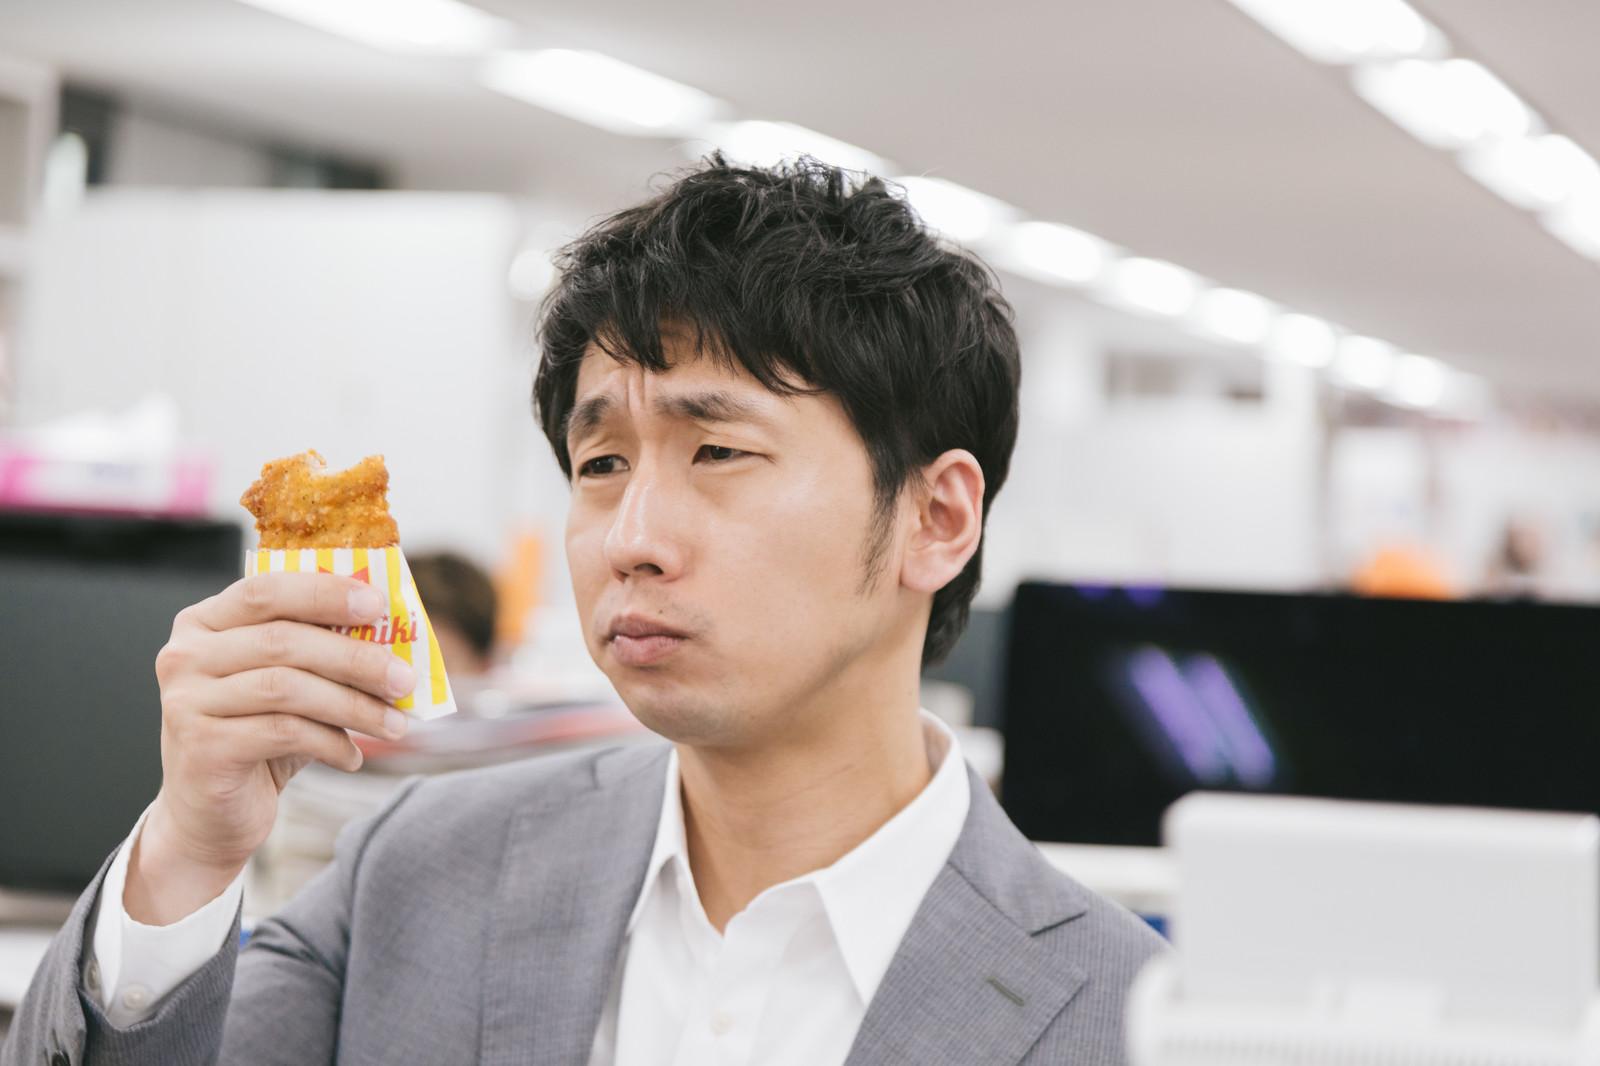 朝食のフライドチキンを食べるか悩む男性